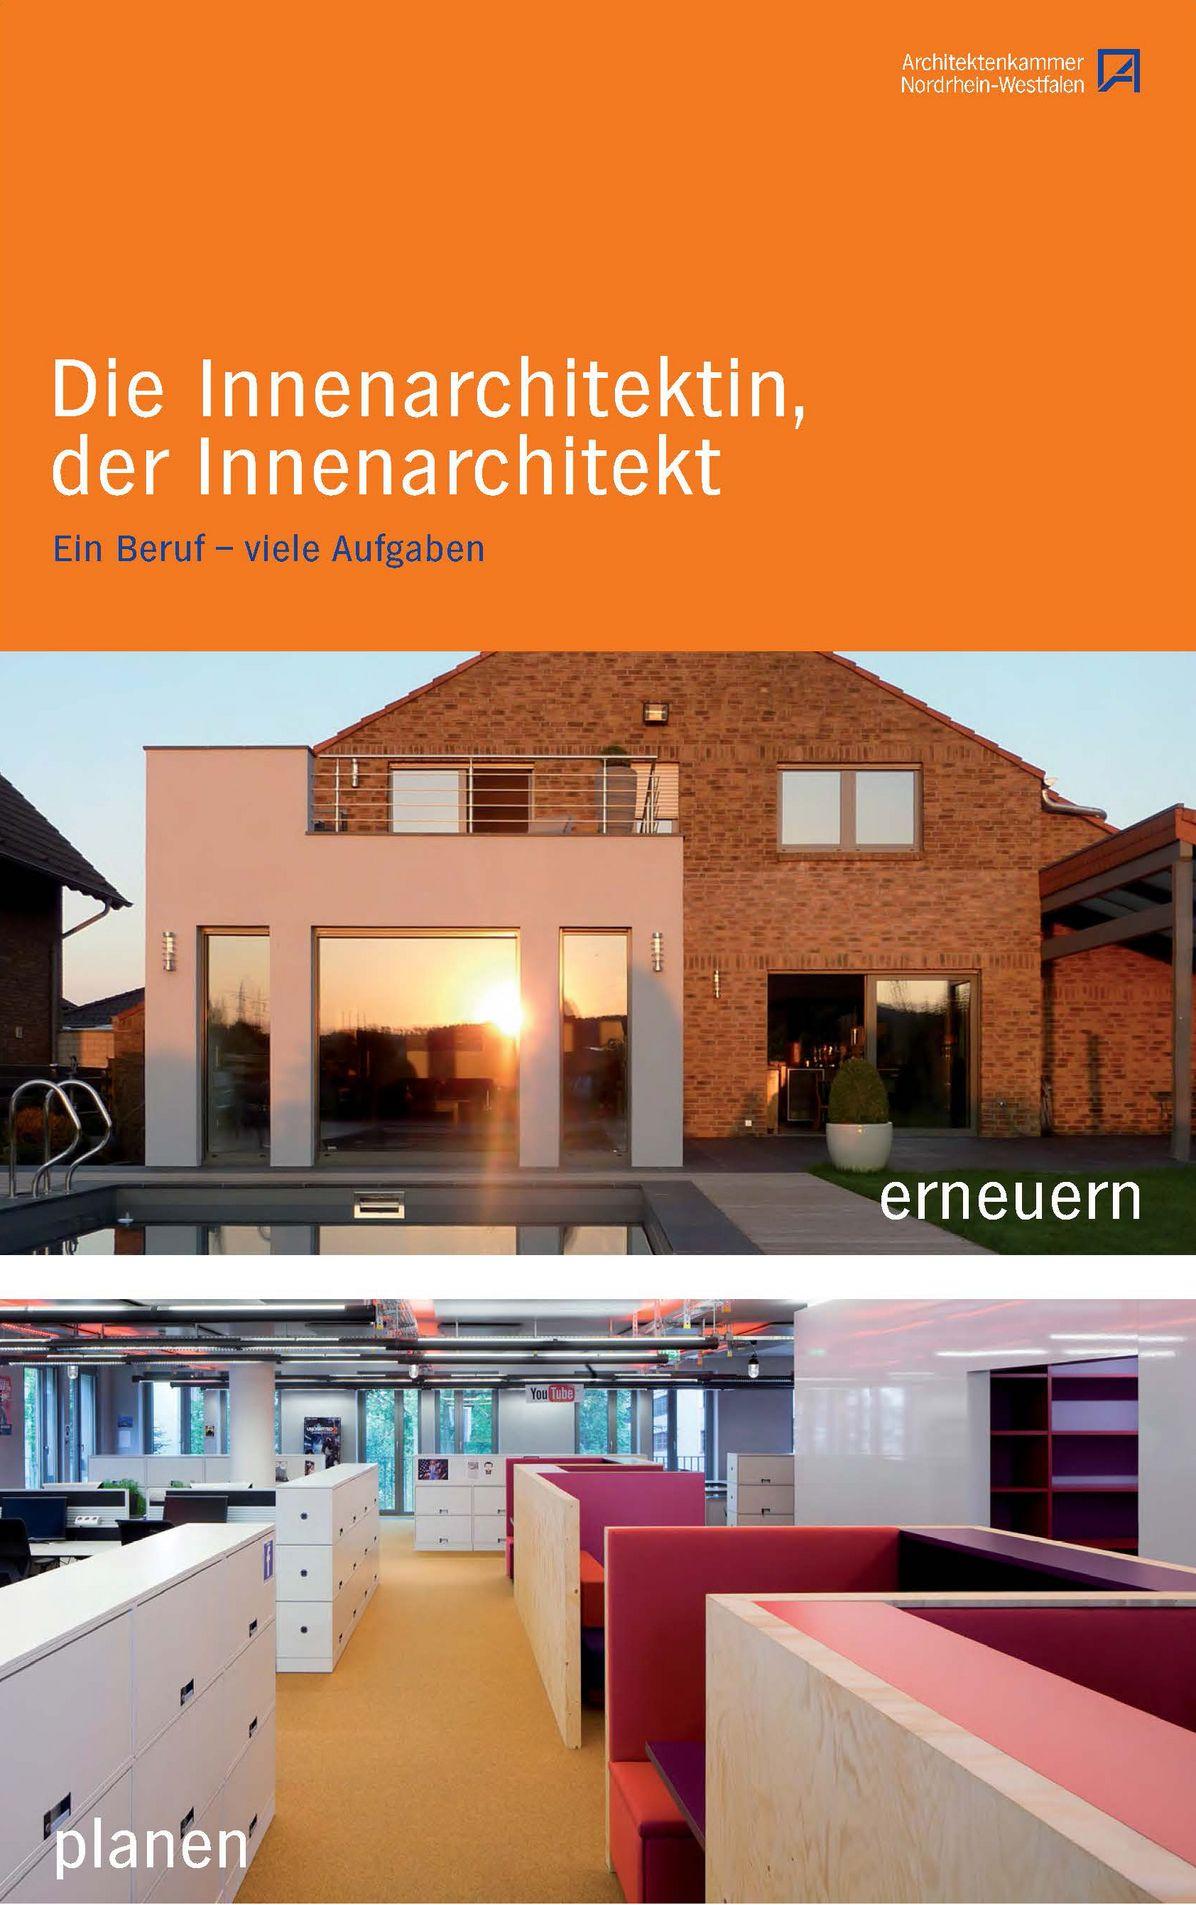 Berufsbild und Kammer   Architektenkammer Nordrhein Westfalen